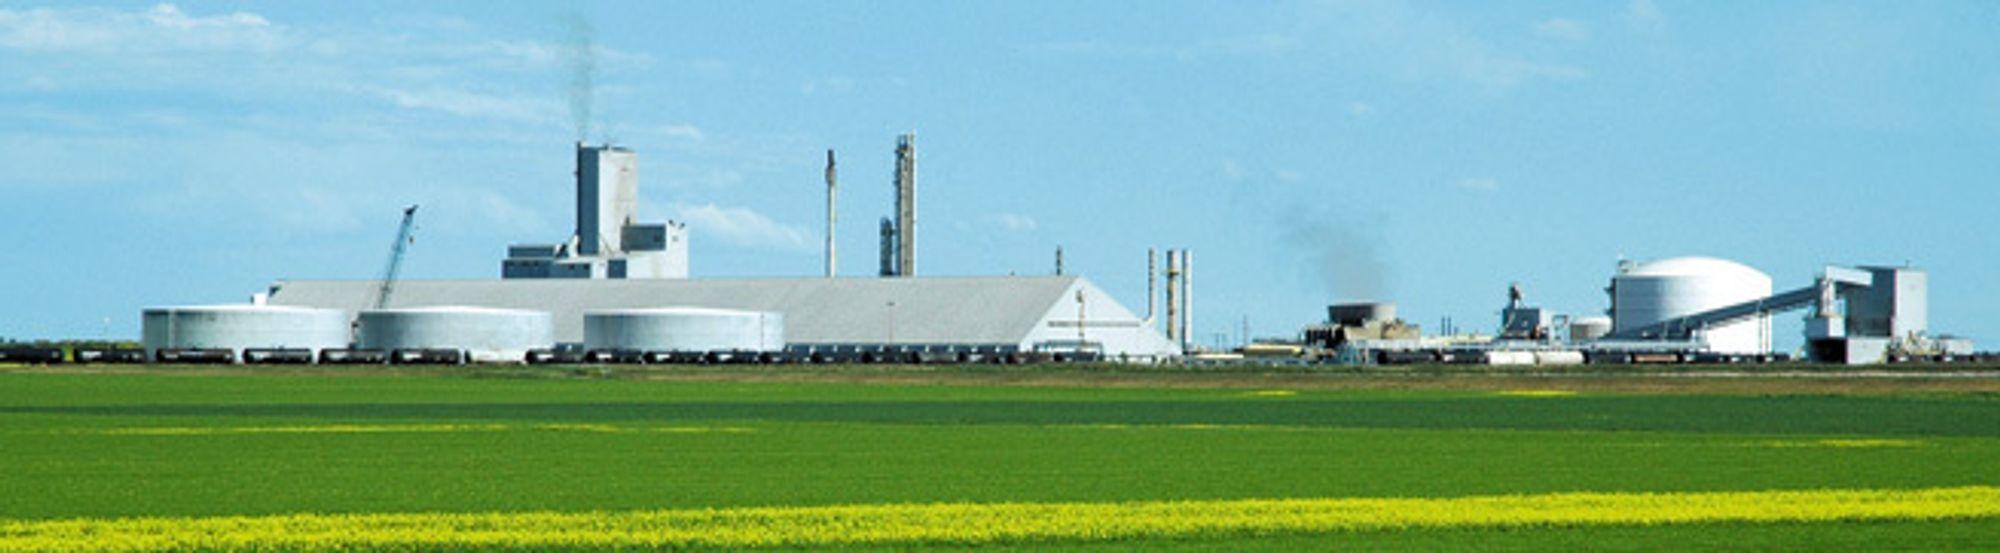 Saskferco-fabrikken ved Belle Plaine går for å være en av verdens mest energieffektive produsenter av ammoniakk, urea og UAN.